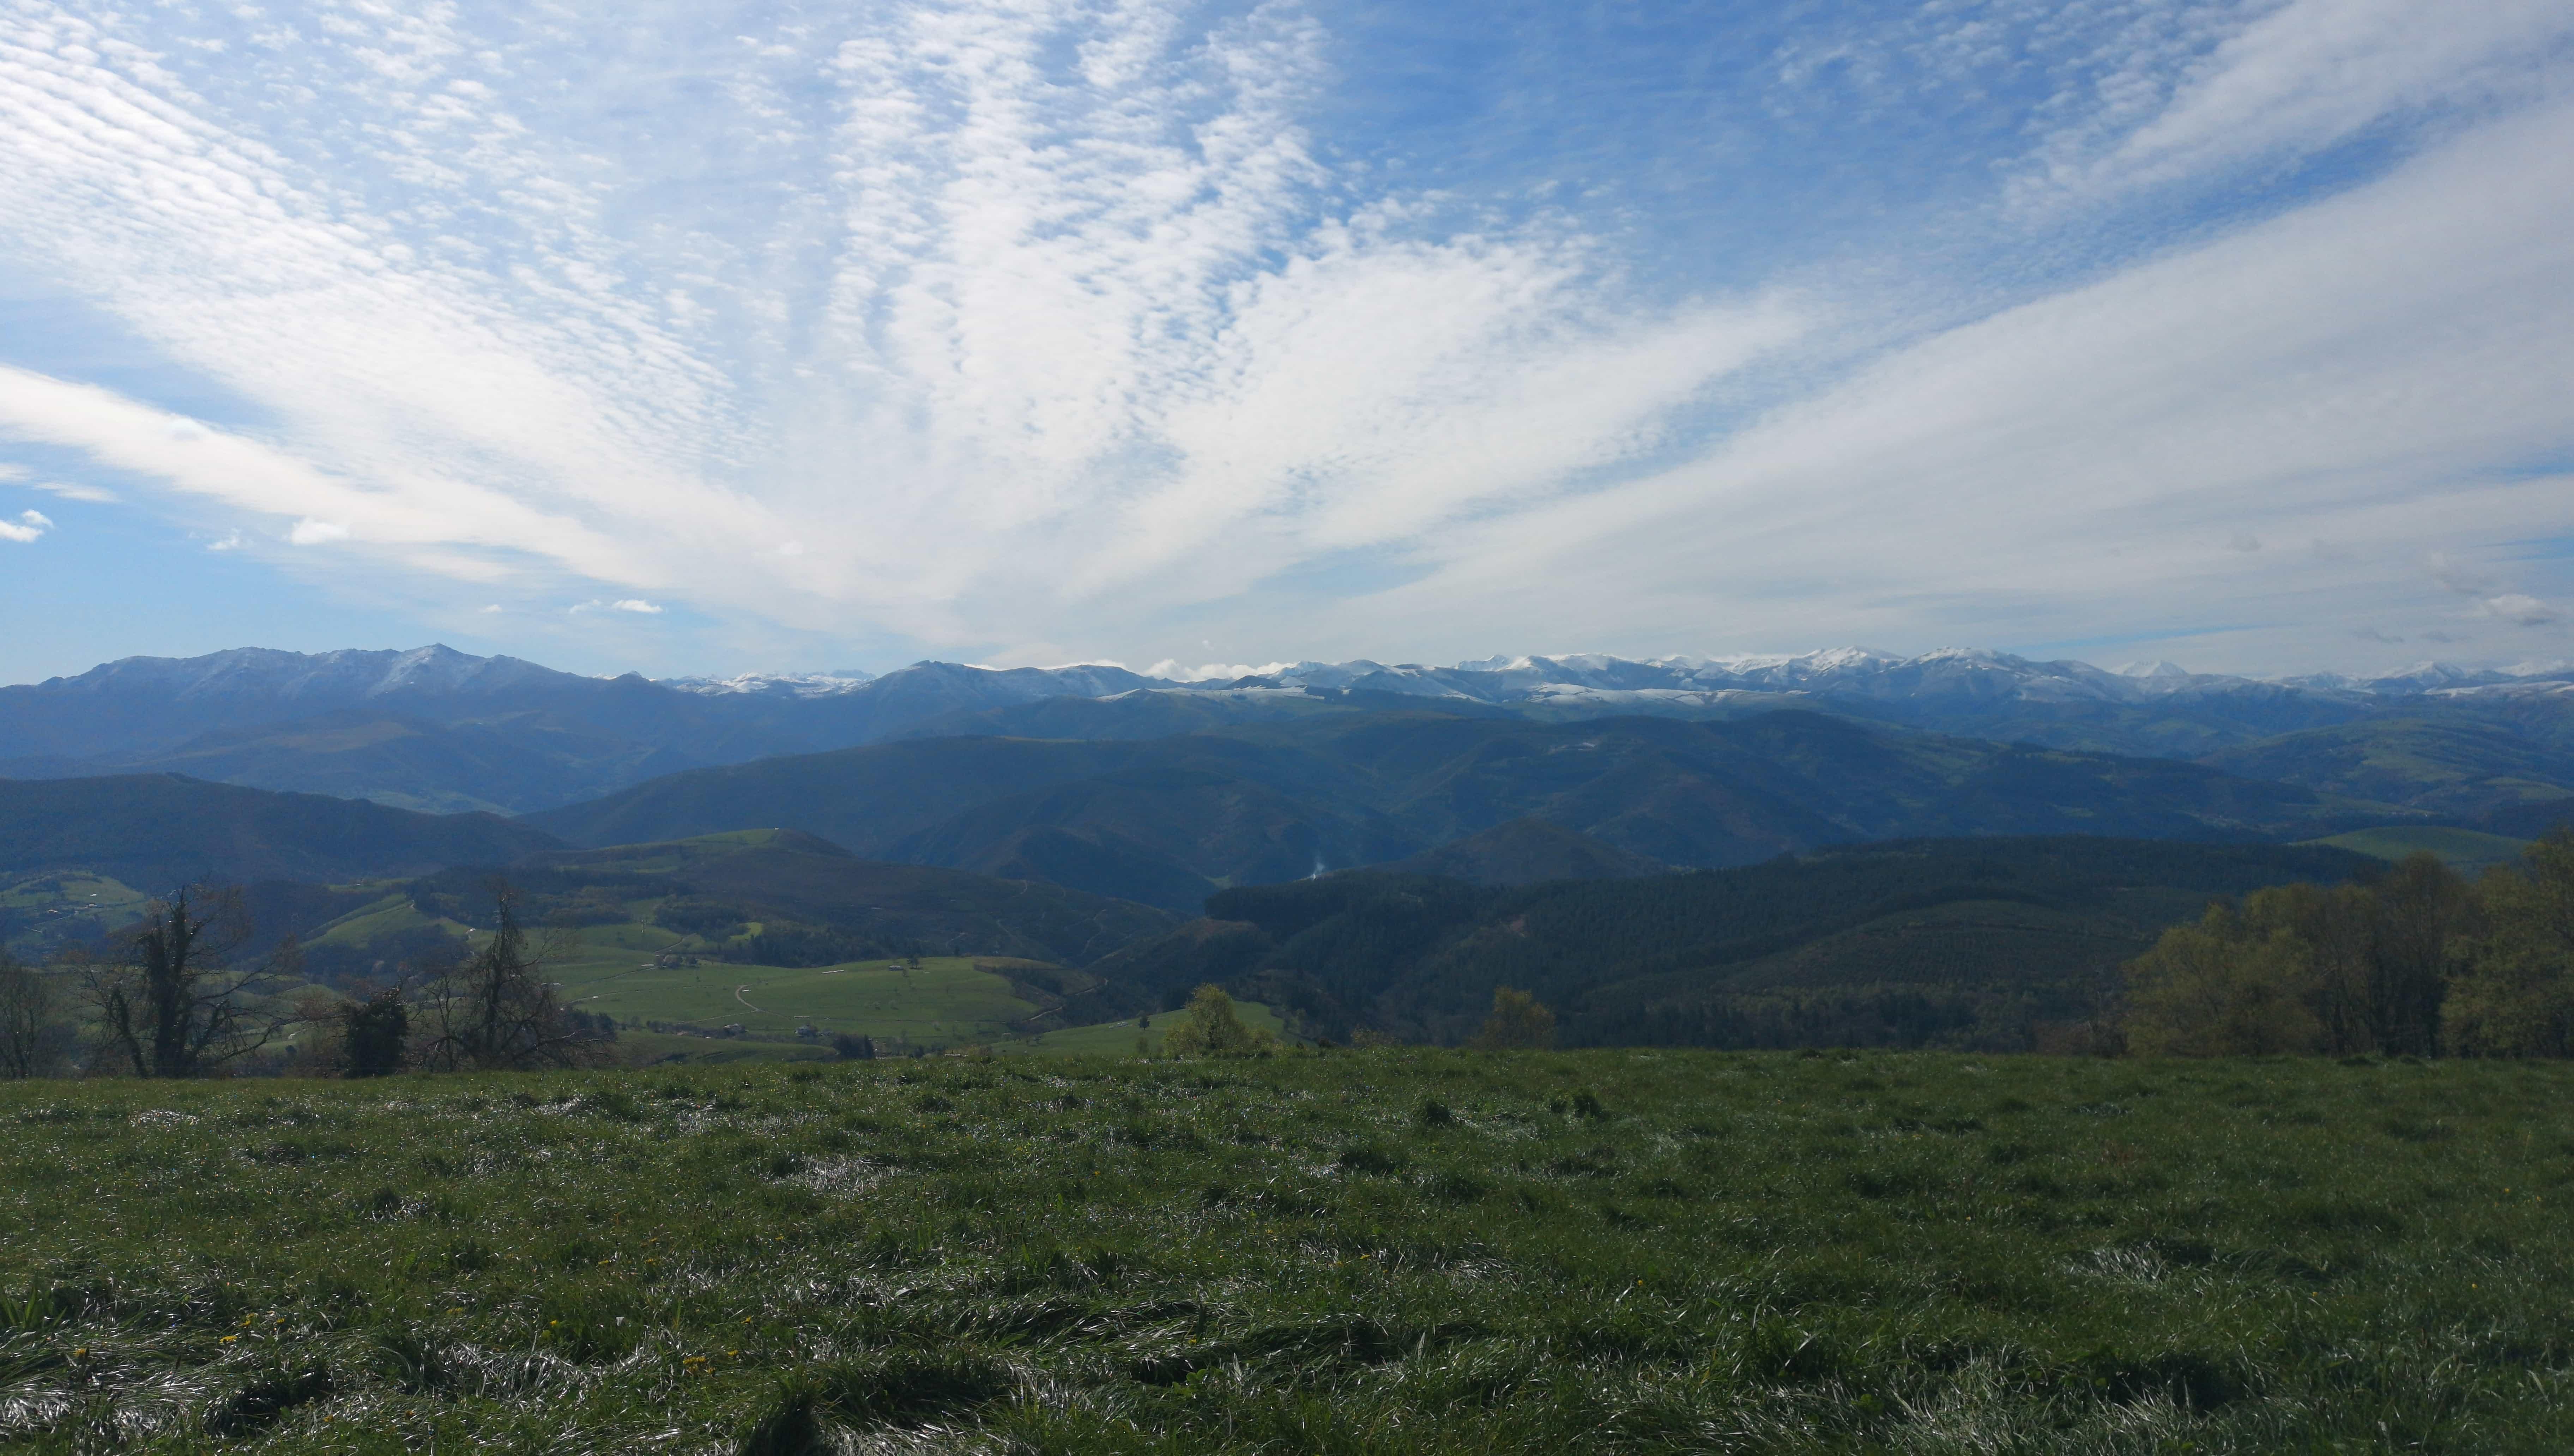 Aussicht auf dem Camino Primitivo auf die Berge